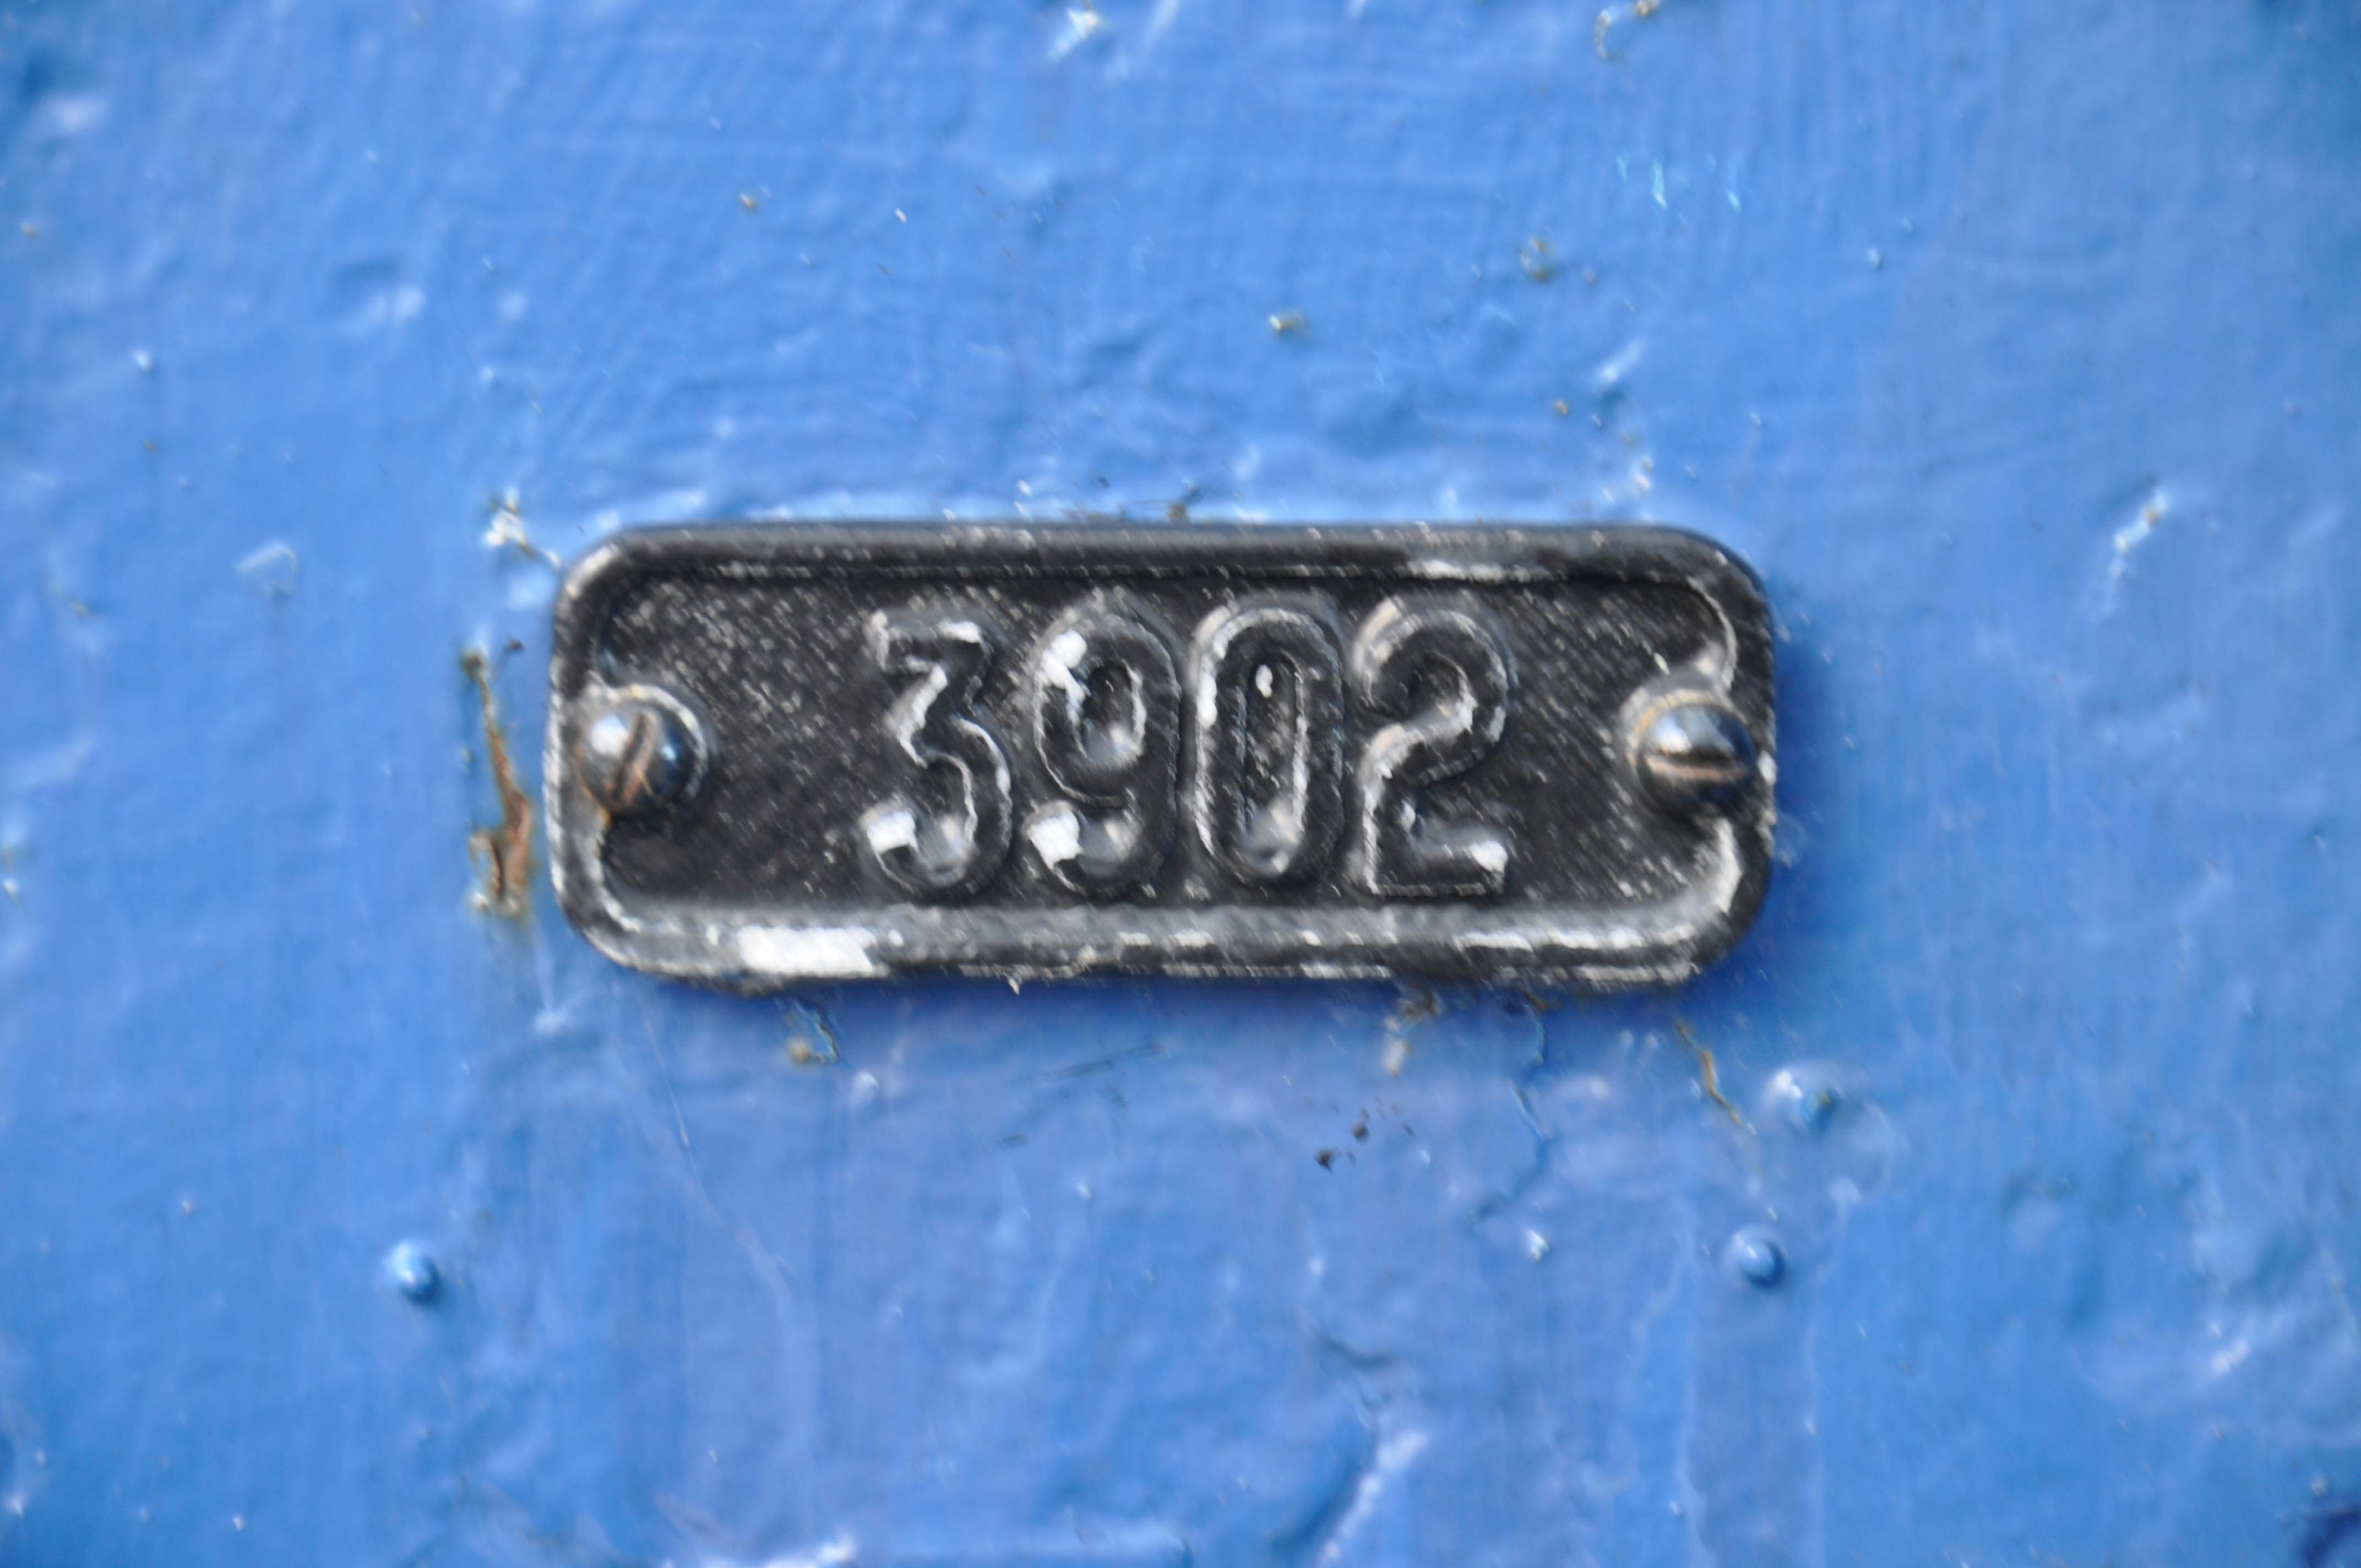 I:\Museums\modesimages\COTSL-1993-146imgae.jpg